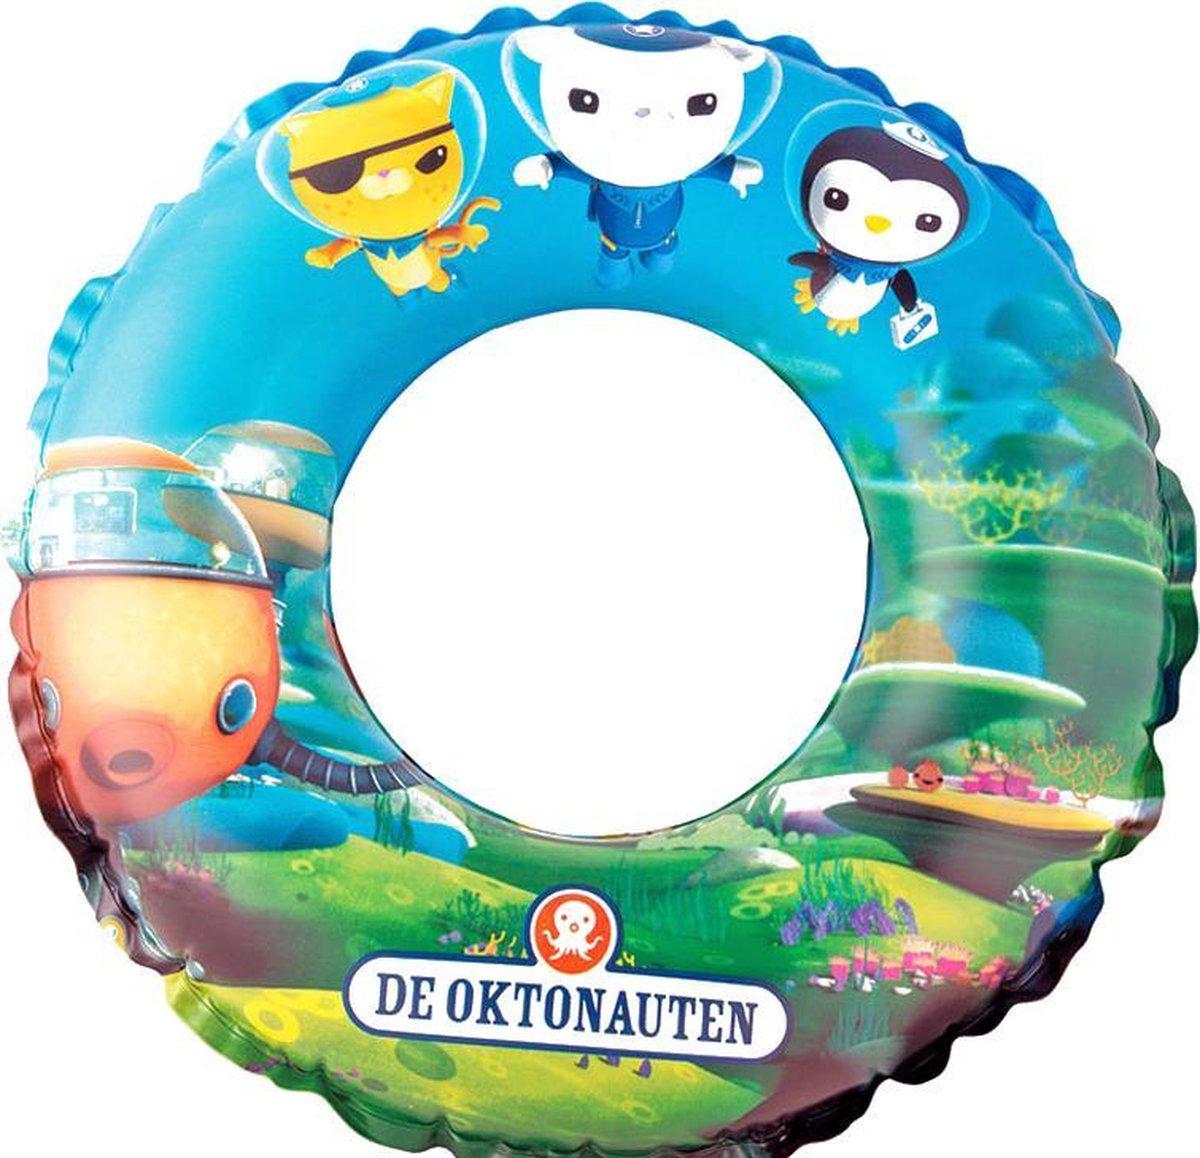 Octonauten Opblaasbare Zwemring voor Kinderen - 50 cm - Aanbevolen Vanaf 3 Jaar - Blauw